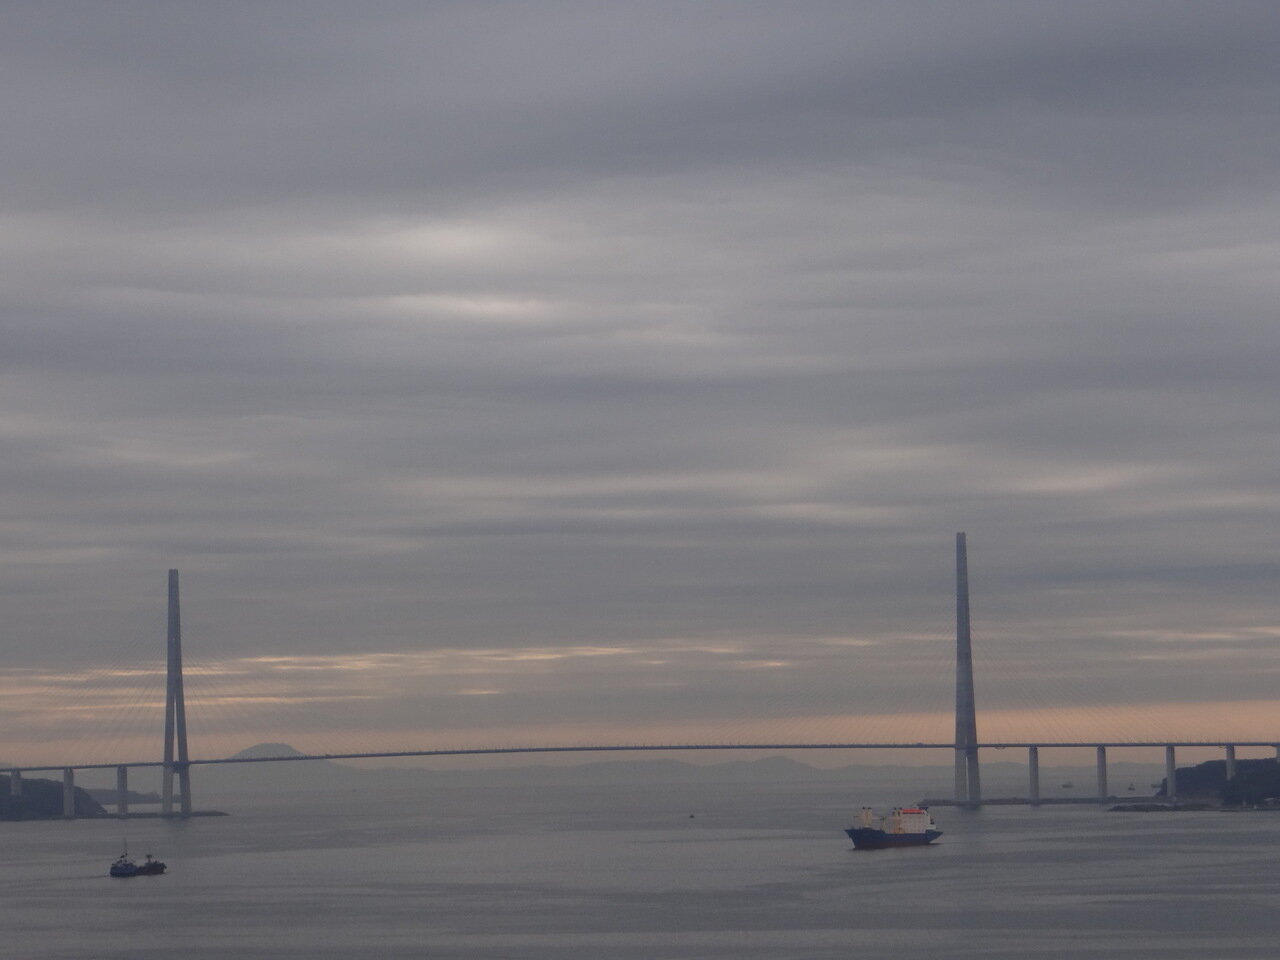 符拉迪沃斯托克,橋,Vladivostok, Bridge,